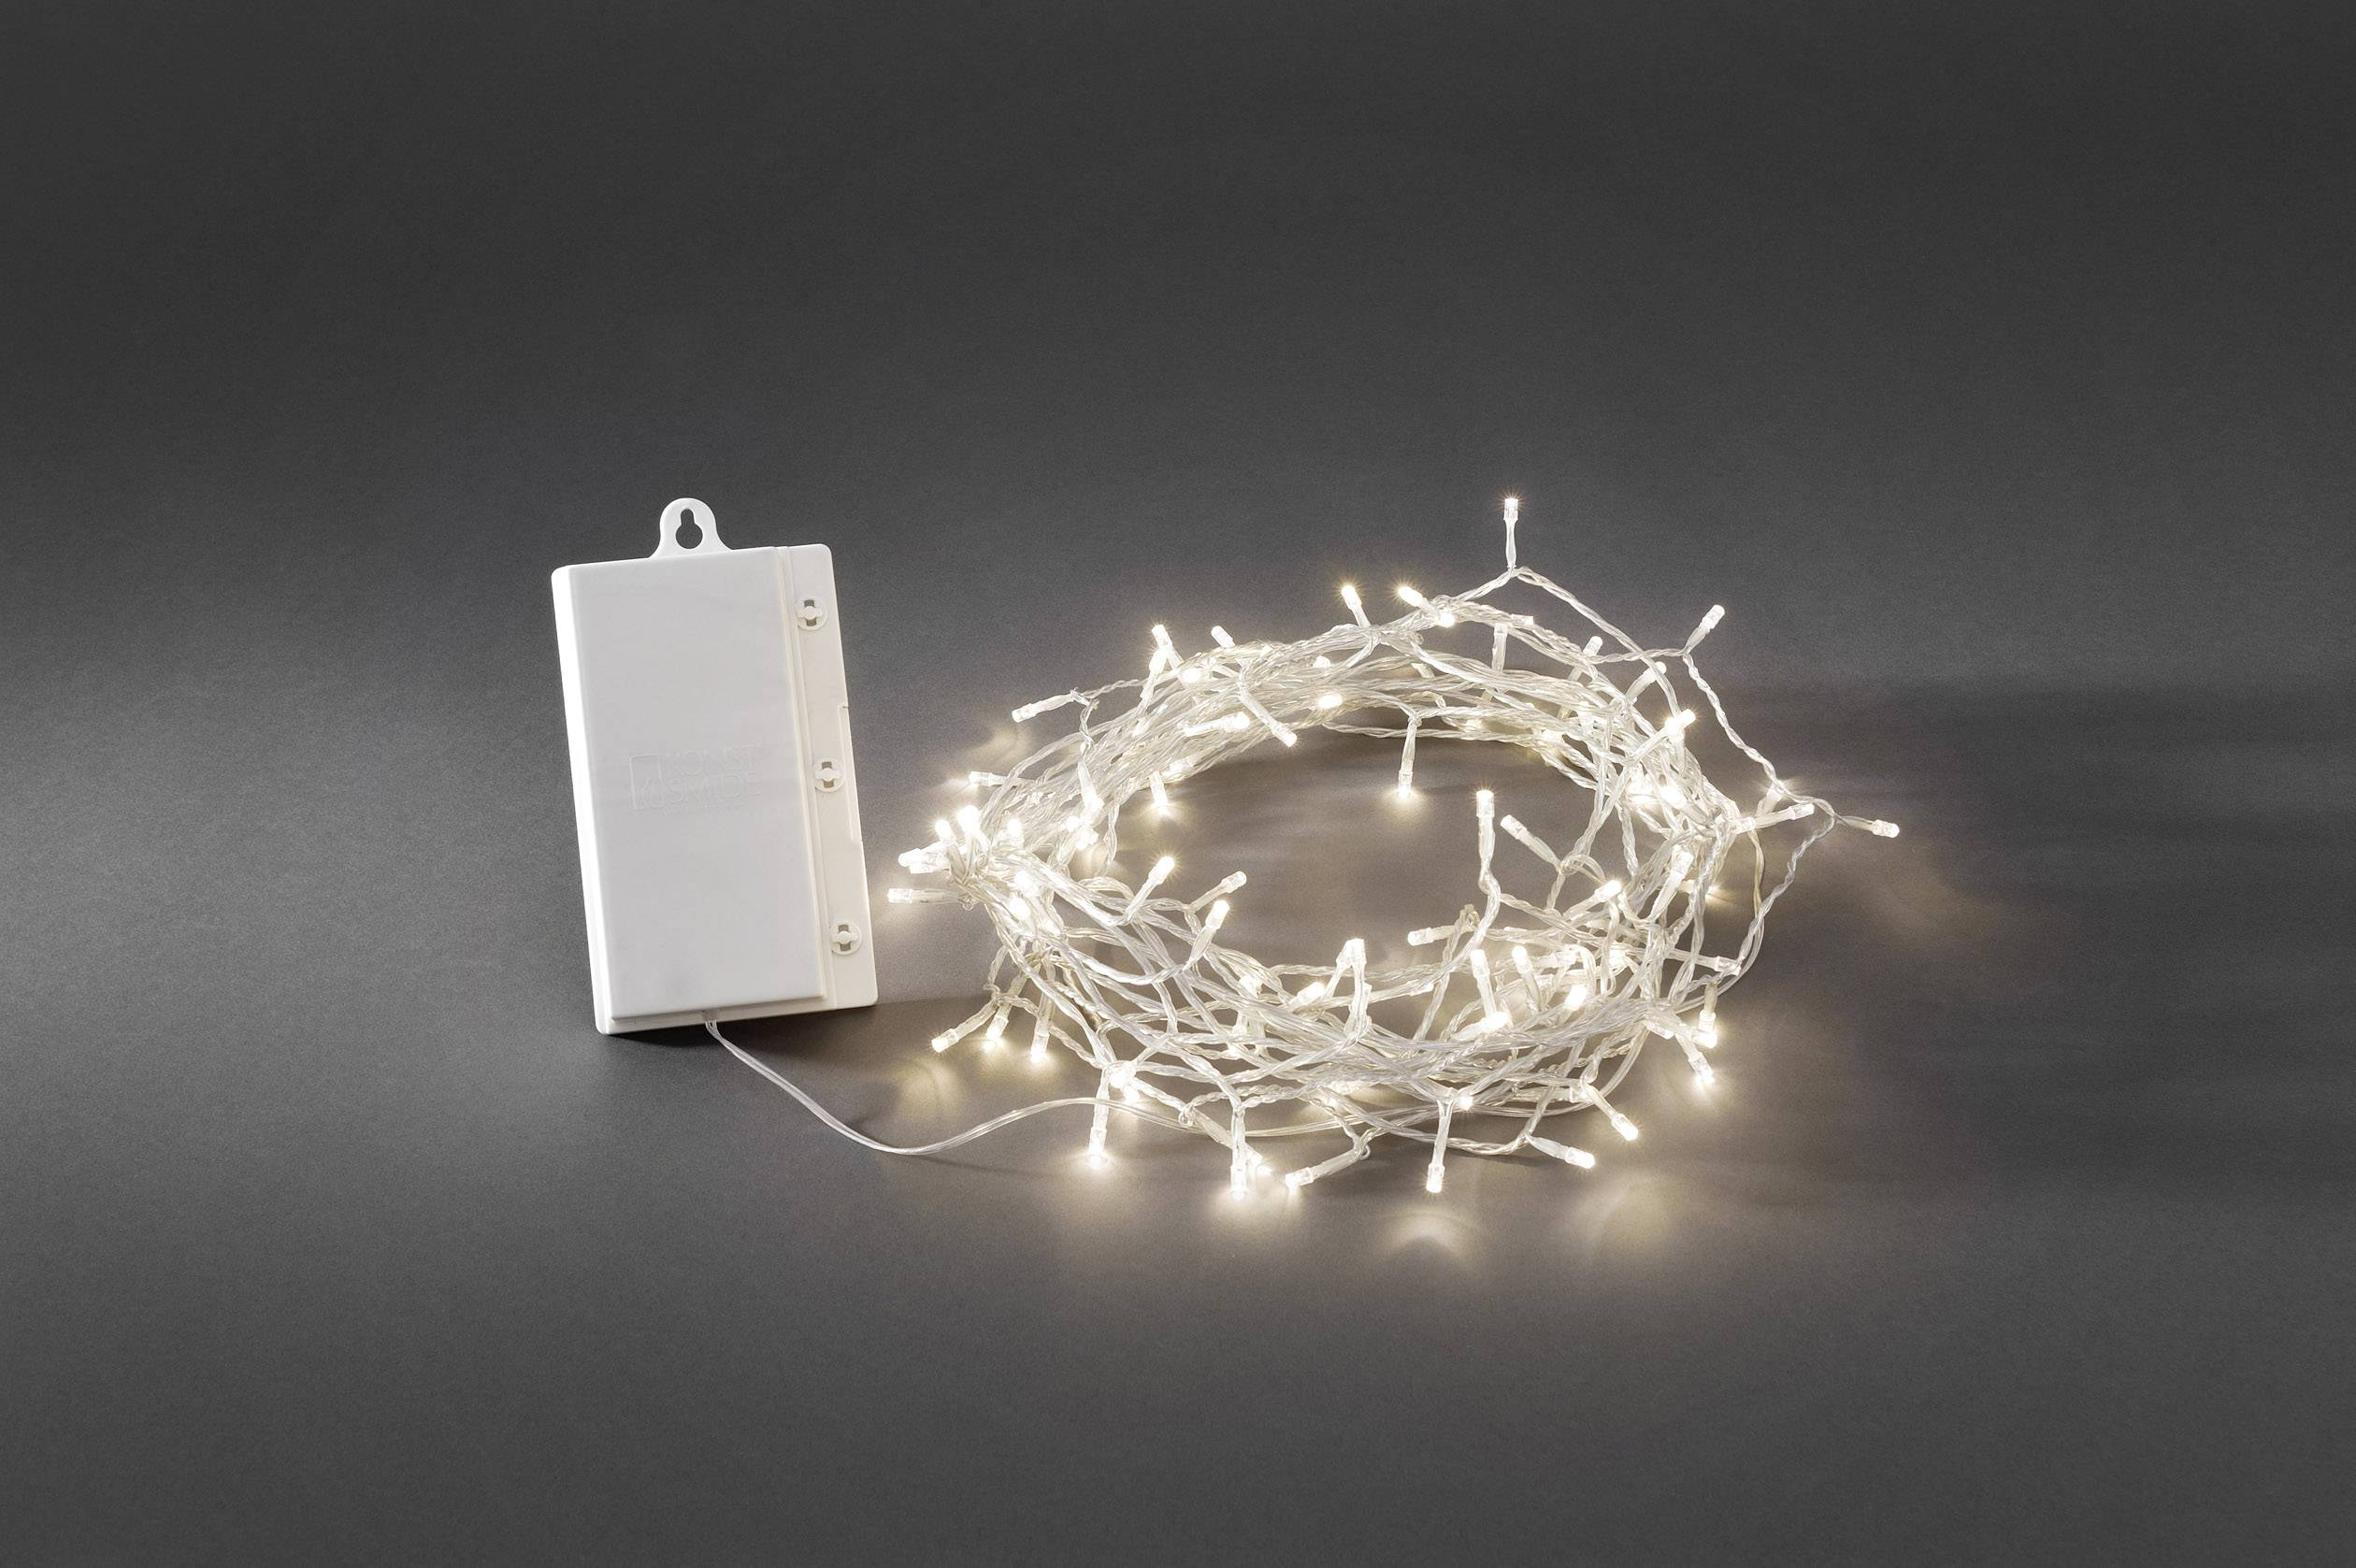 Batterie Weihnachtsbeleuchtung Aussen.Konstsmide 3719 103 Lichterketten Mit Batterien Außen Batteriebetrieben 128 Led Warm Weiß Beleuchtete Länge 12 8 M